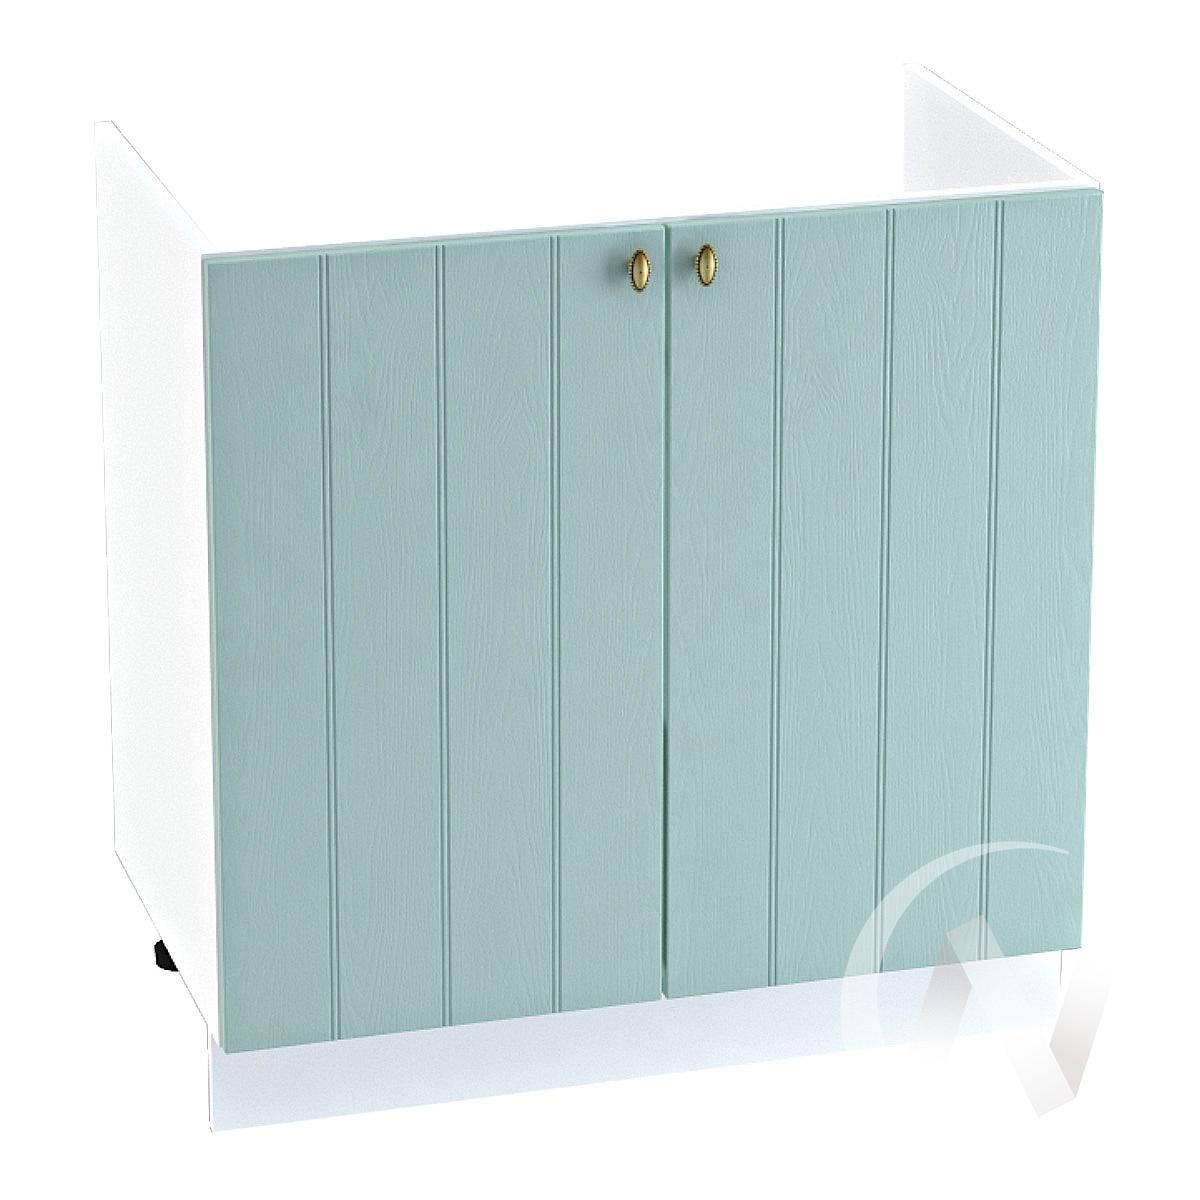 """Кухня """"Прованс"""": Шкаф нижний под мойку 800, ШНМ 800 (голубой/корпус белый)"""